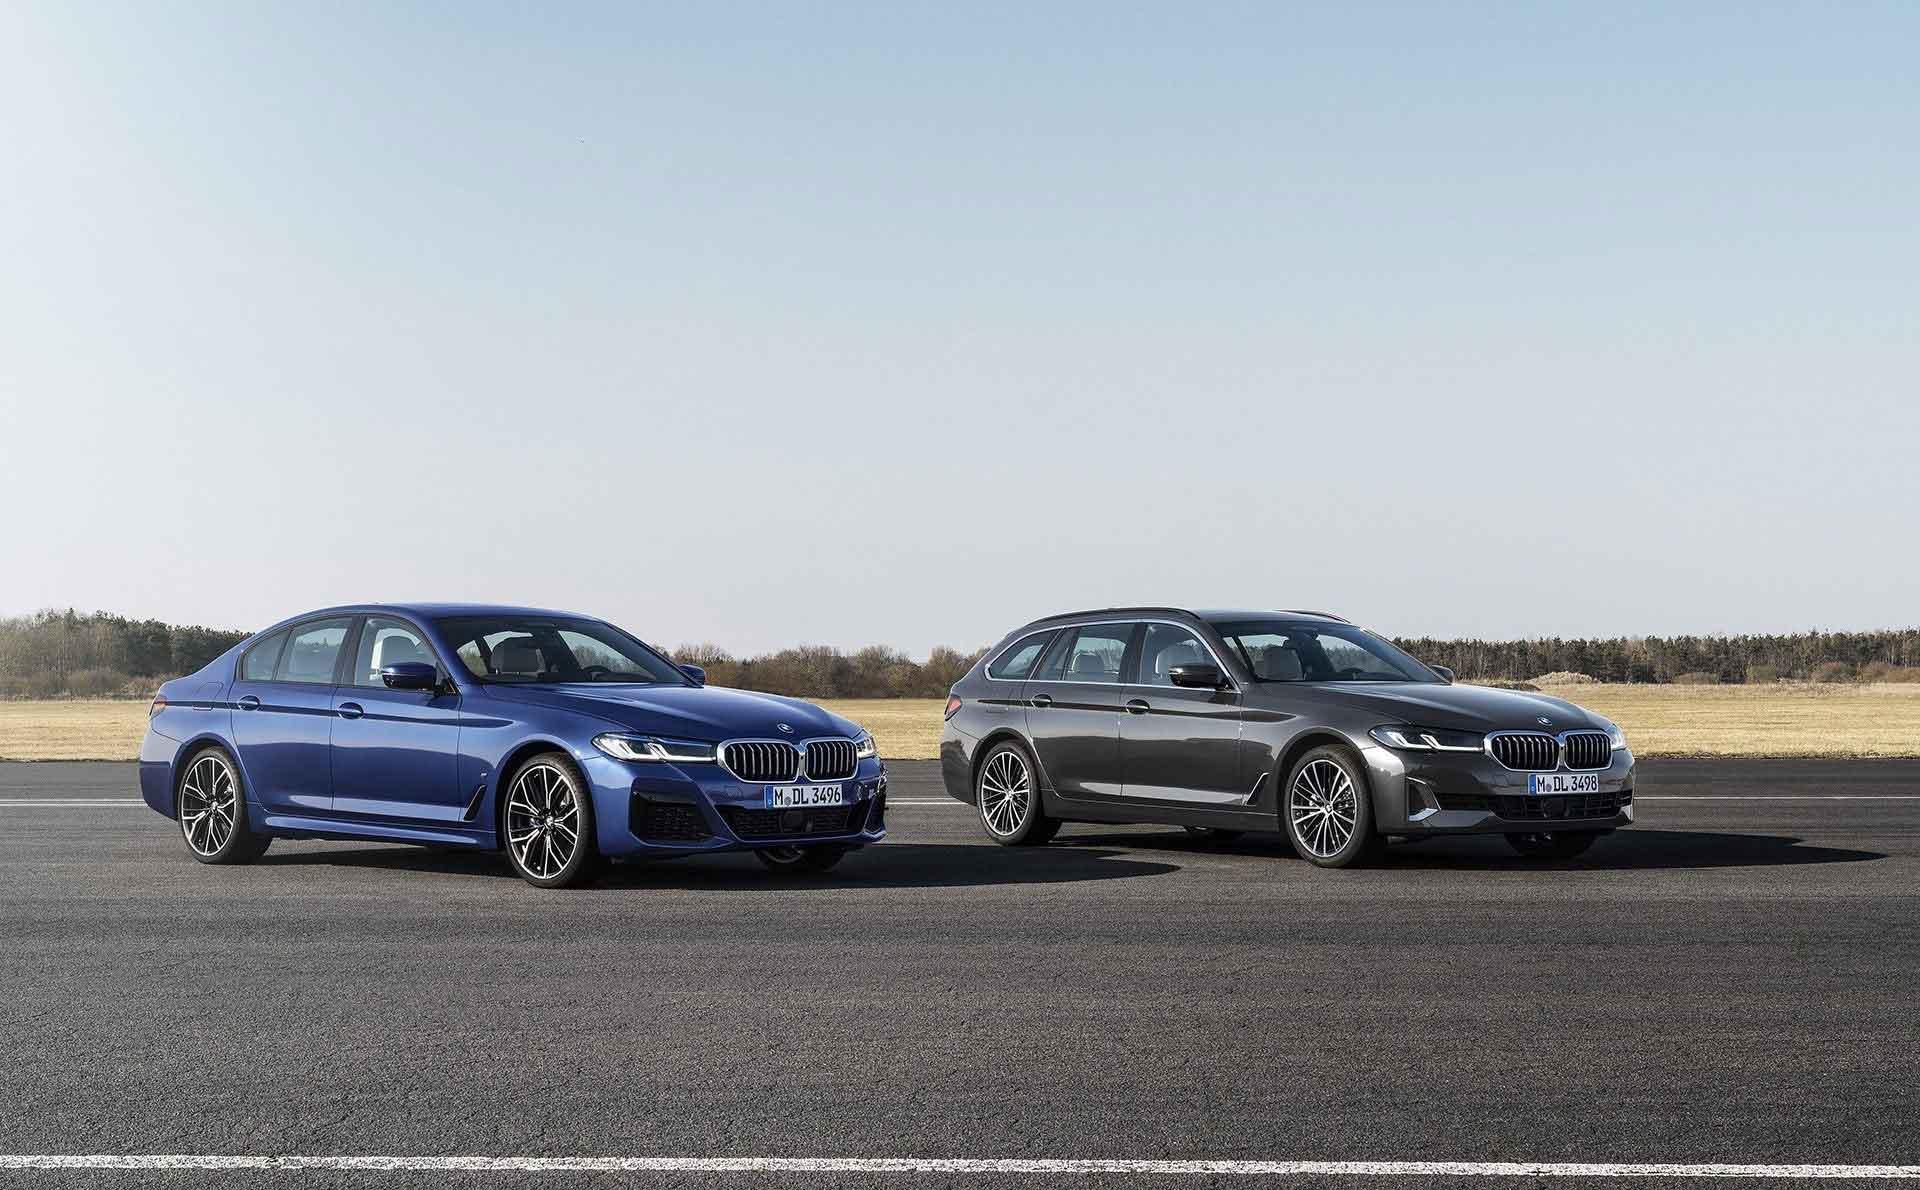 """емцы """"выкатили"""" обновленный BMW 5-Series 2021 модельного года. Который стал еще технологичнее, производительнее, и при этом не обделен новыми дизайнерскими решениями."""